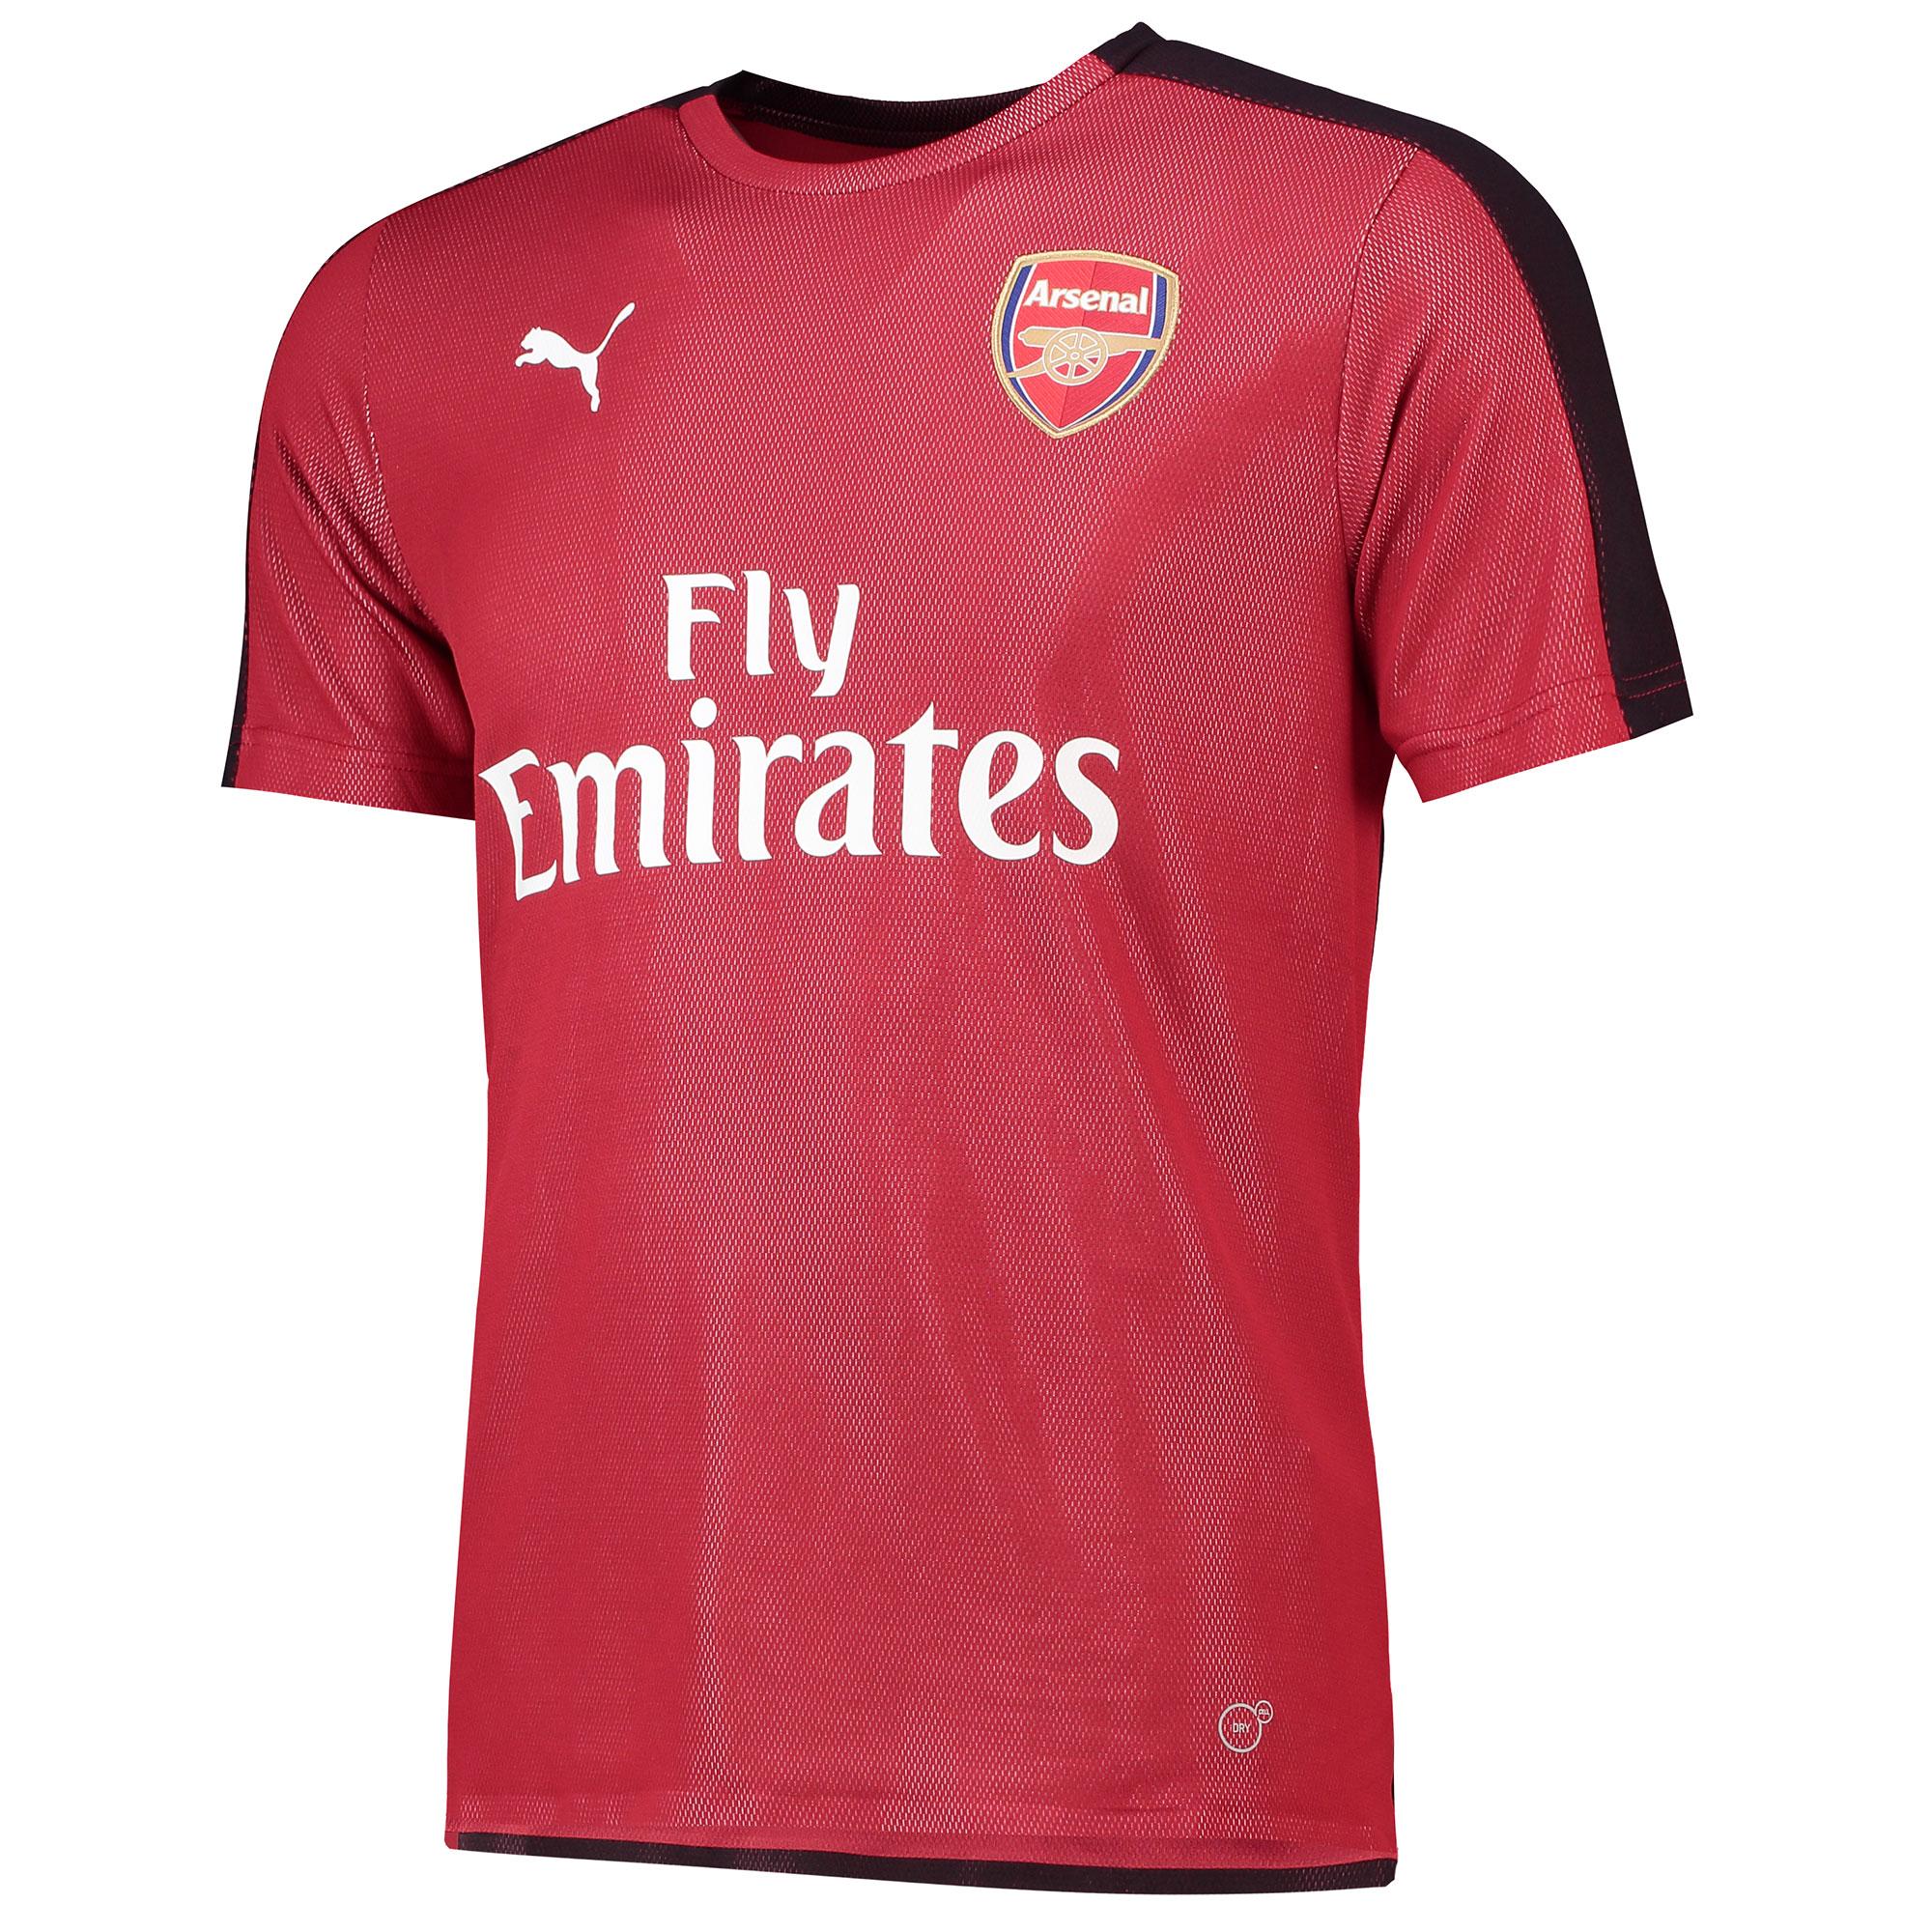 Camiseta Stadium de entrenamiento del Arsenal en rojo